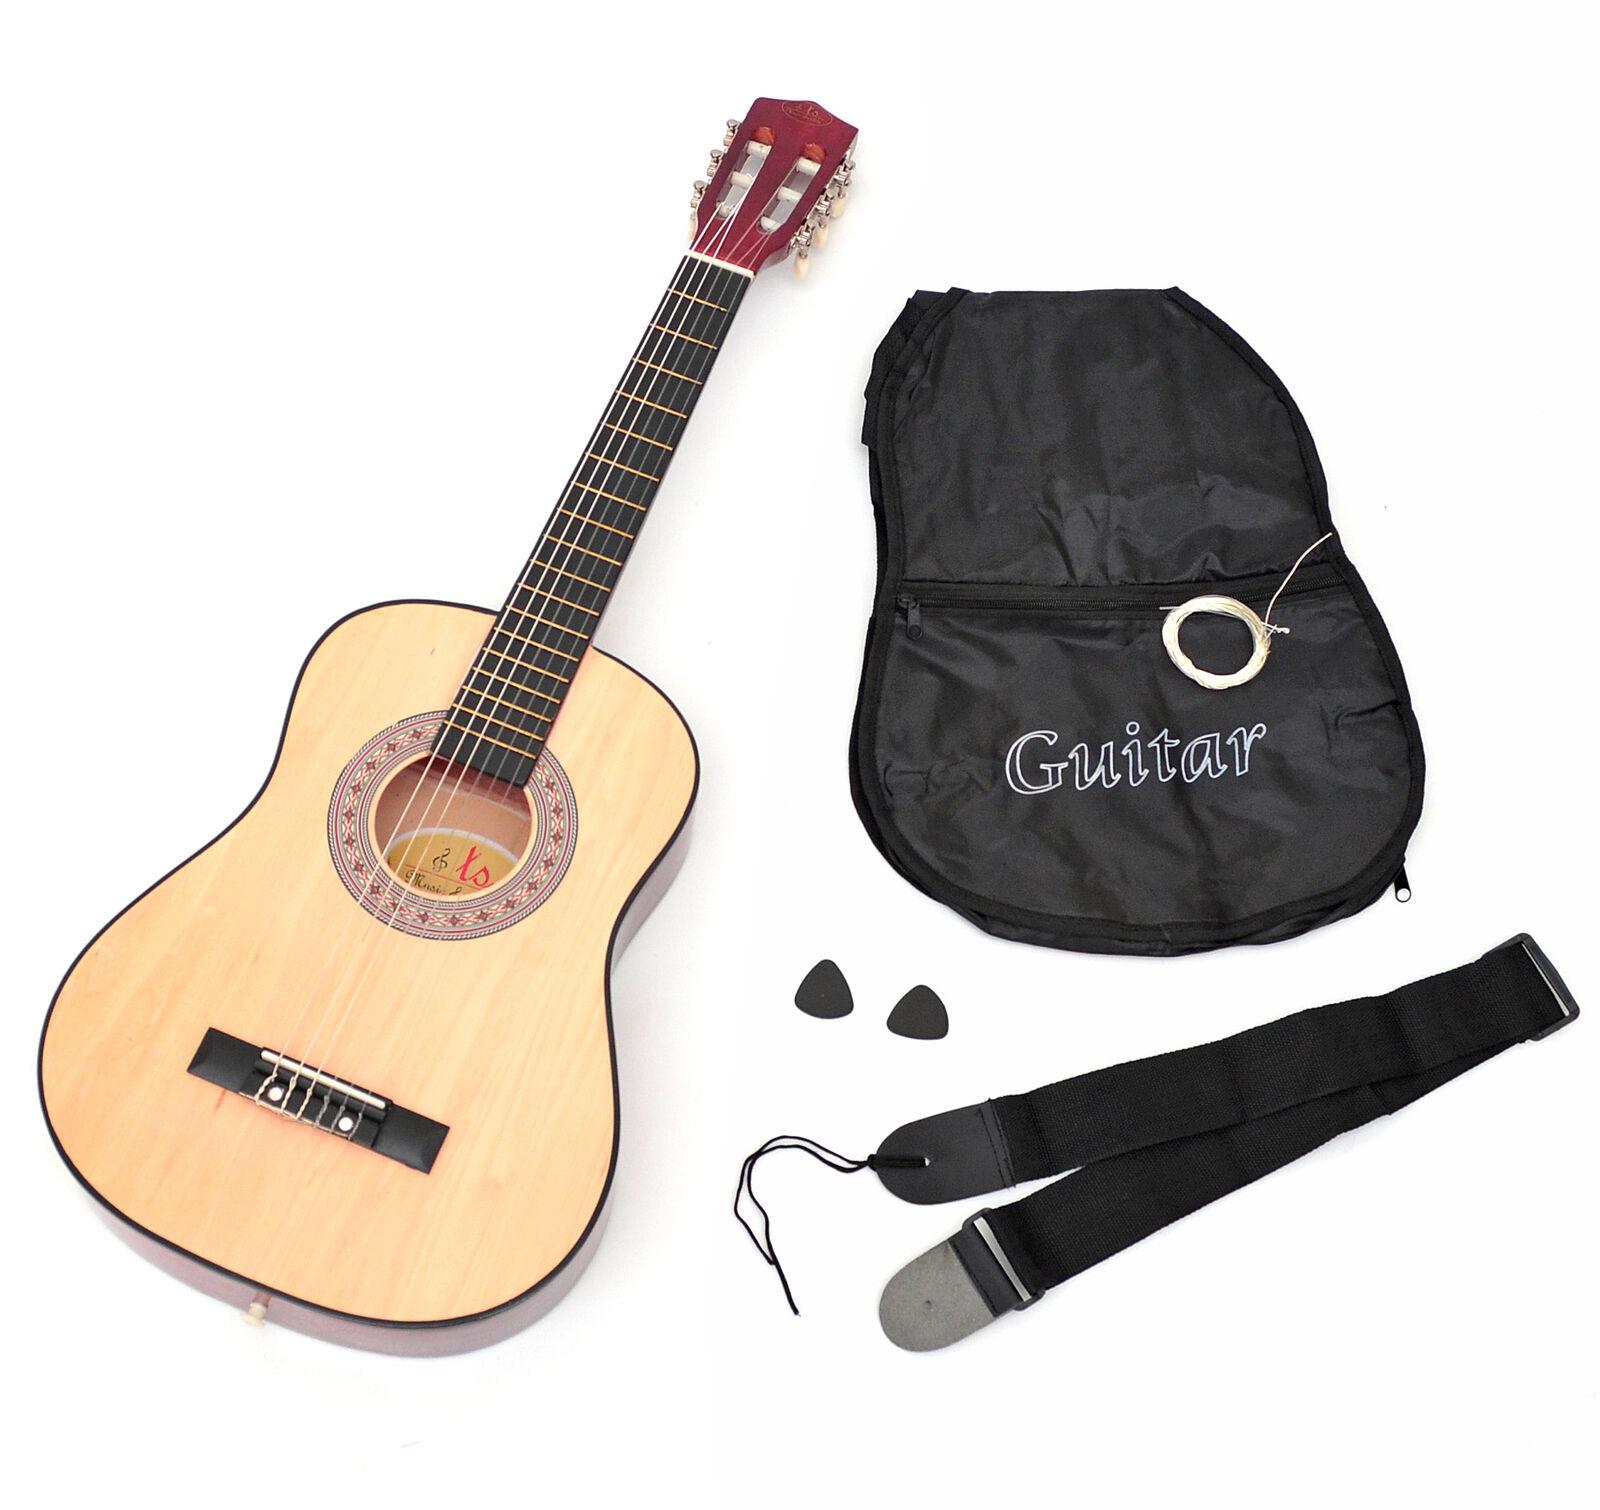 Guitarra Guitarra Guitarra acústica infantil (talla 1 2 incluye funda, correa y cuerdas), marrón  orden en línea